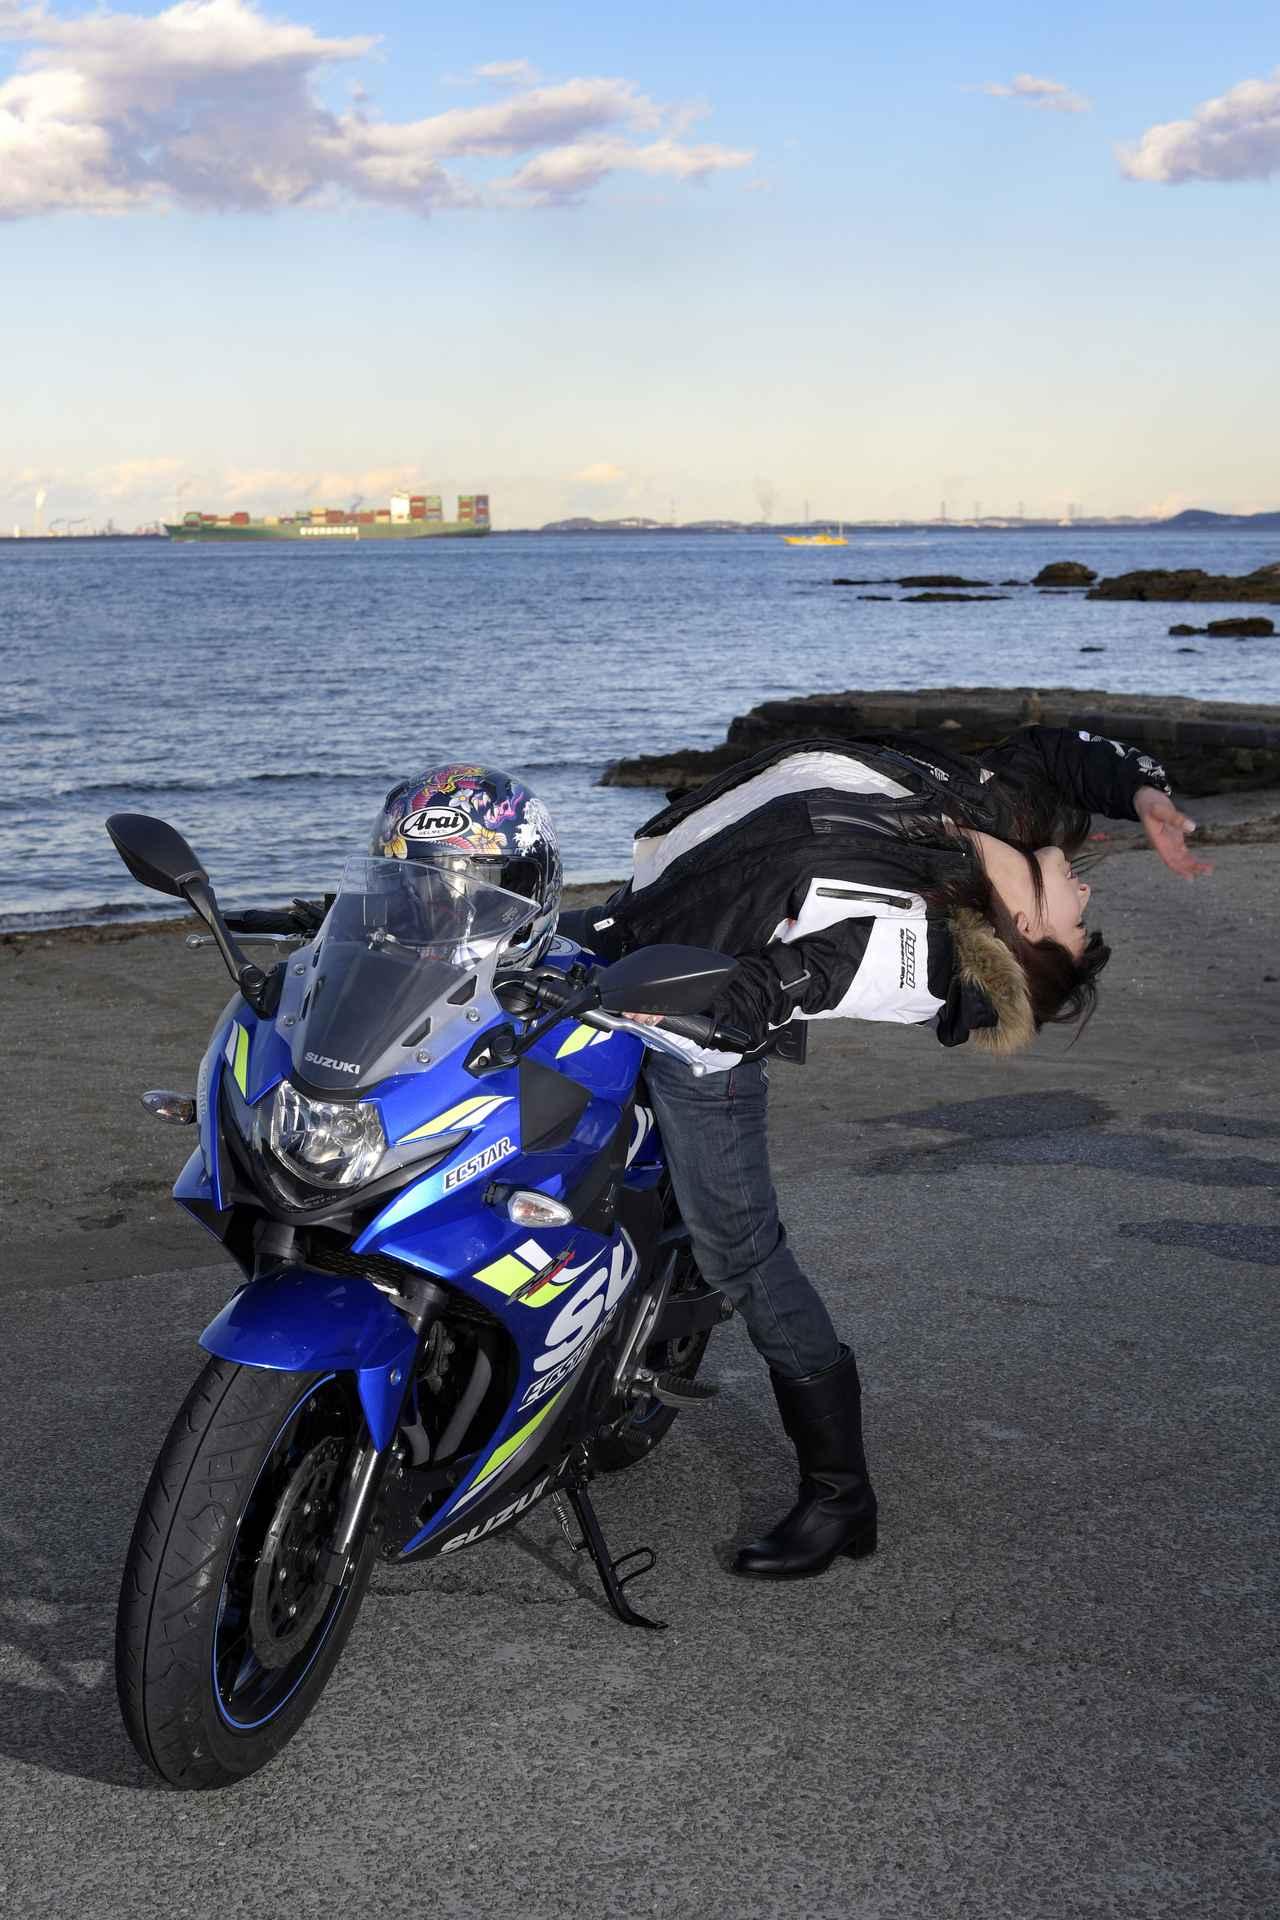 Images : 19番目の画像 - 「【連載】もっと上手くなりたい! 葉月美優のGSX250R RIDING DIARY(第5回:横須賀ショートツーリング)」のアルバム - webオートバイ